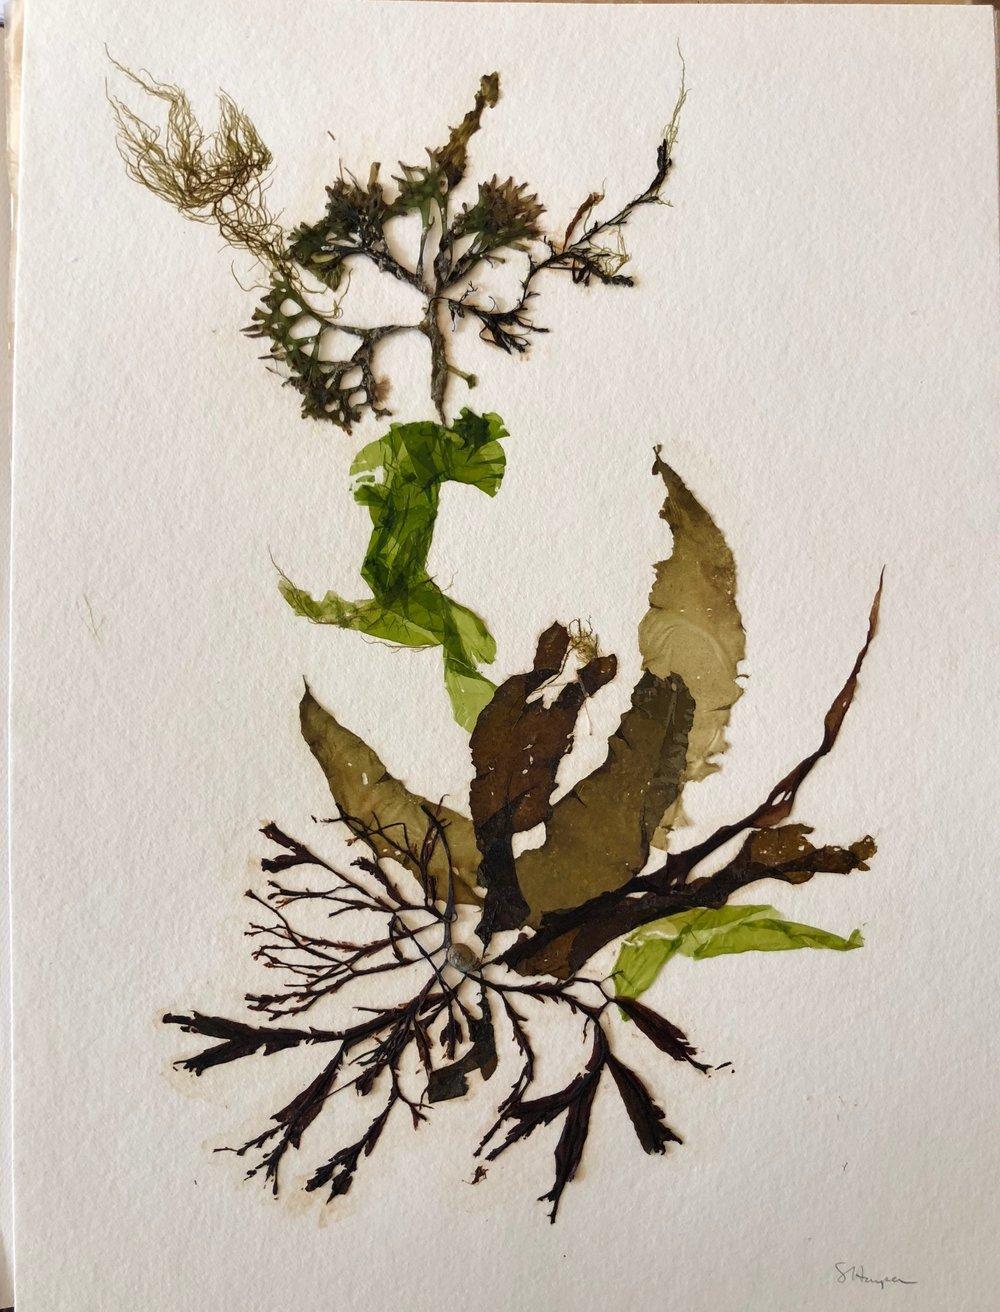 Seaweed 7/13, 11x14